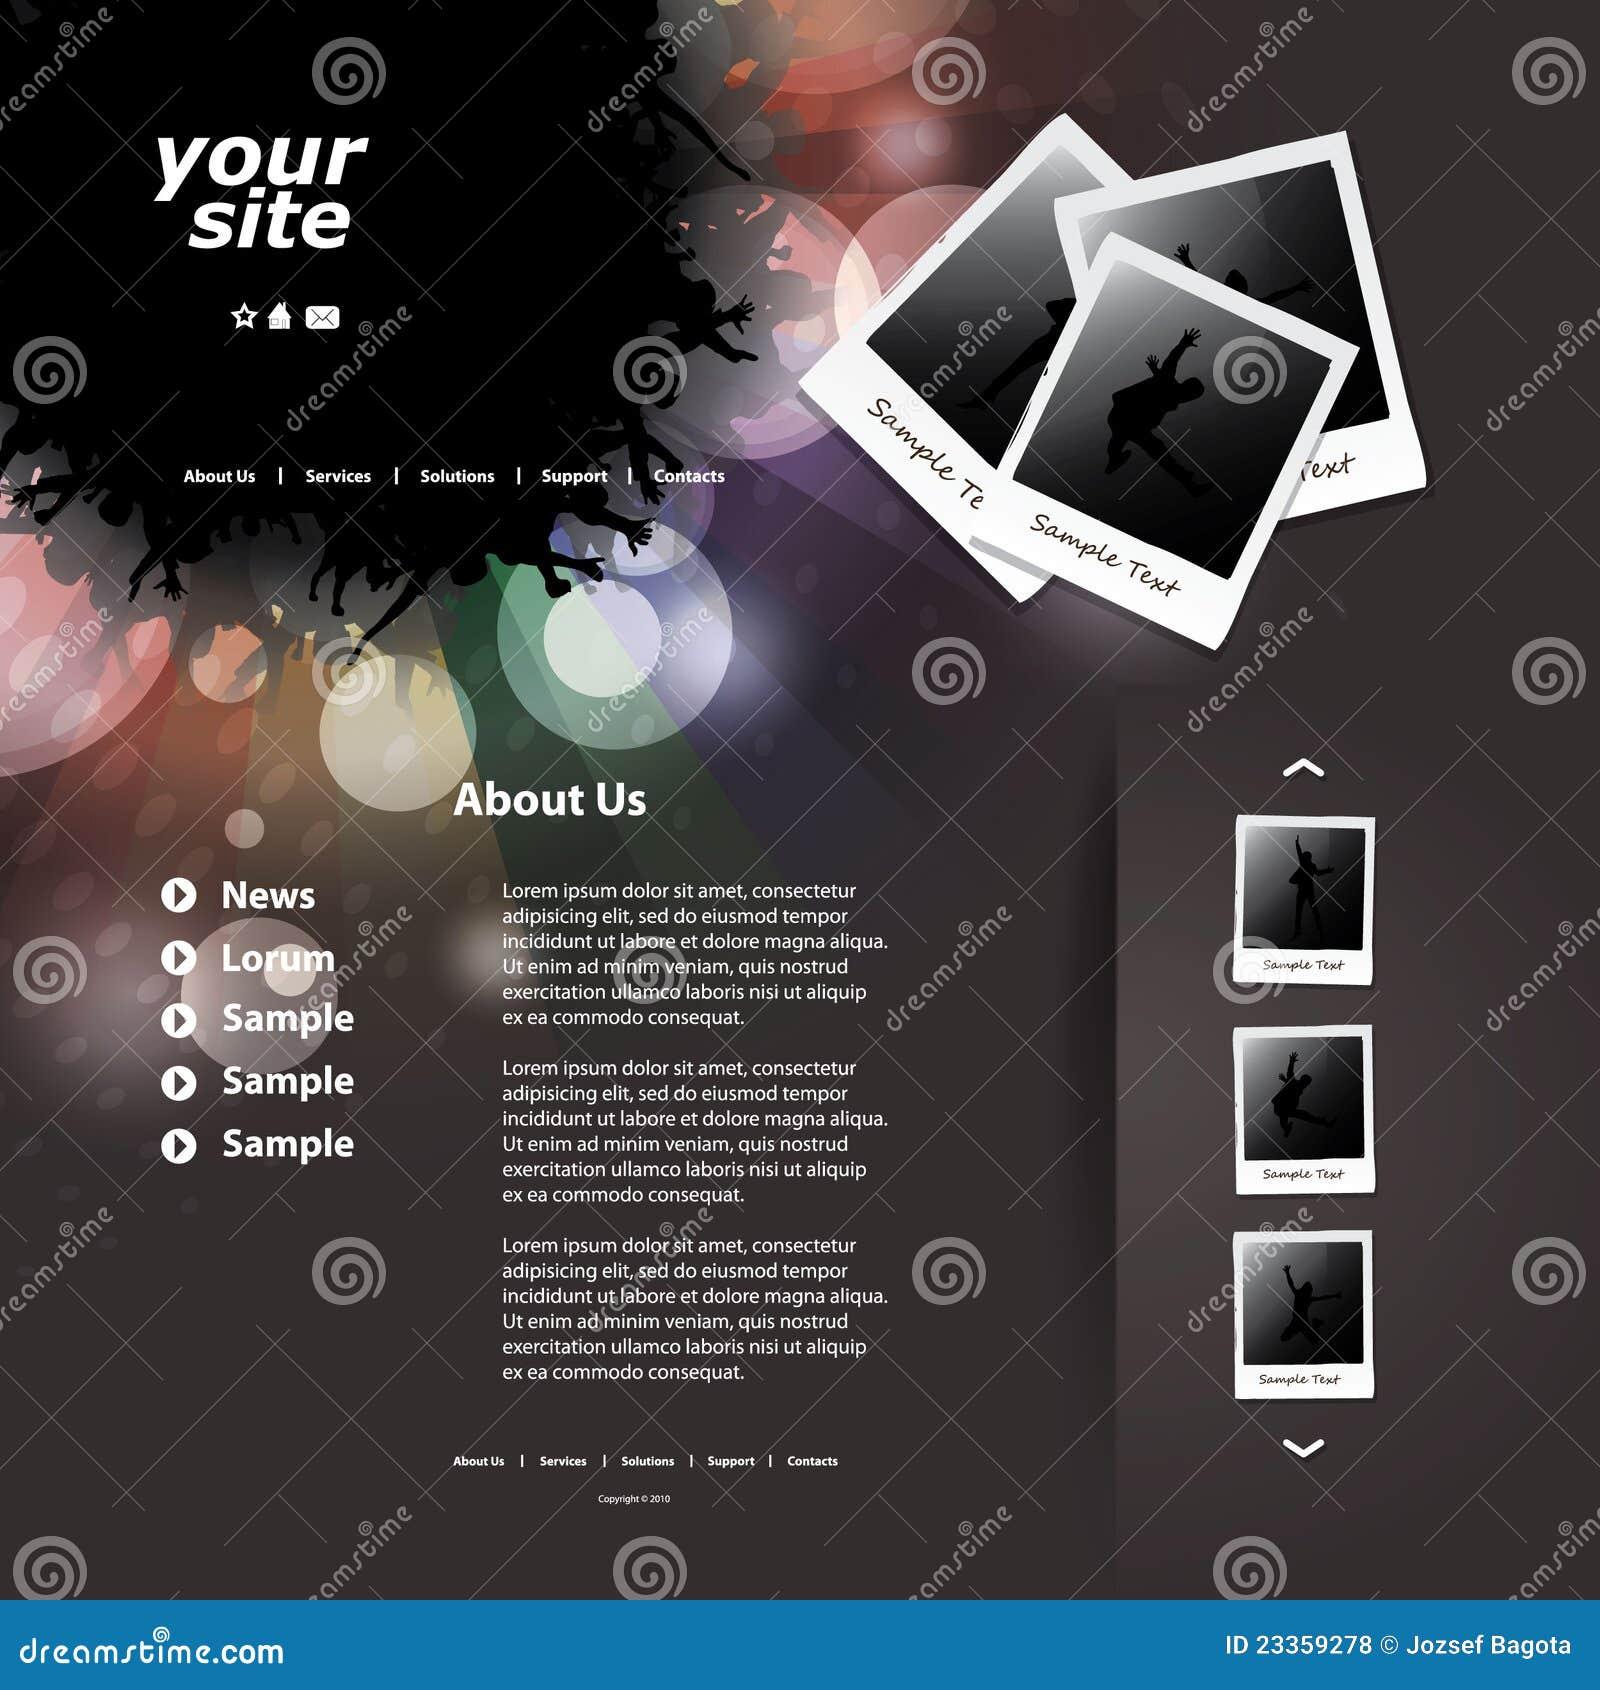 色青片大全网站_颜六色的跳舞设计编辑可能的格式当事人photoes现出轮廓模板向量网站.